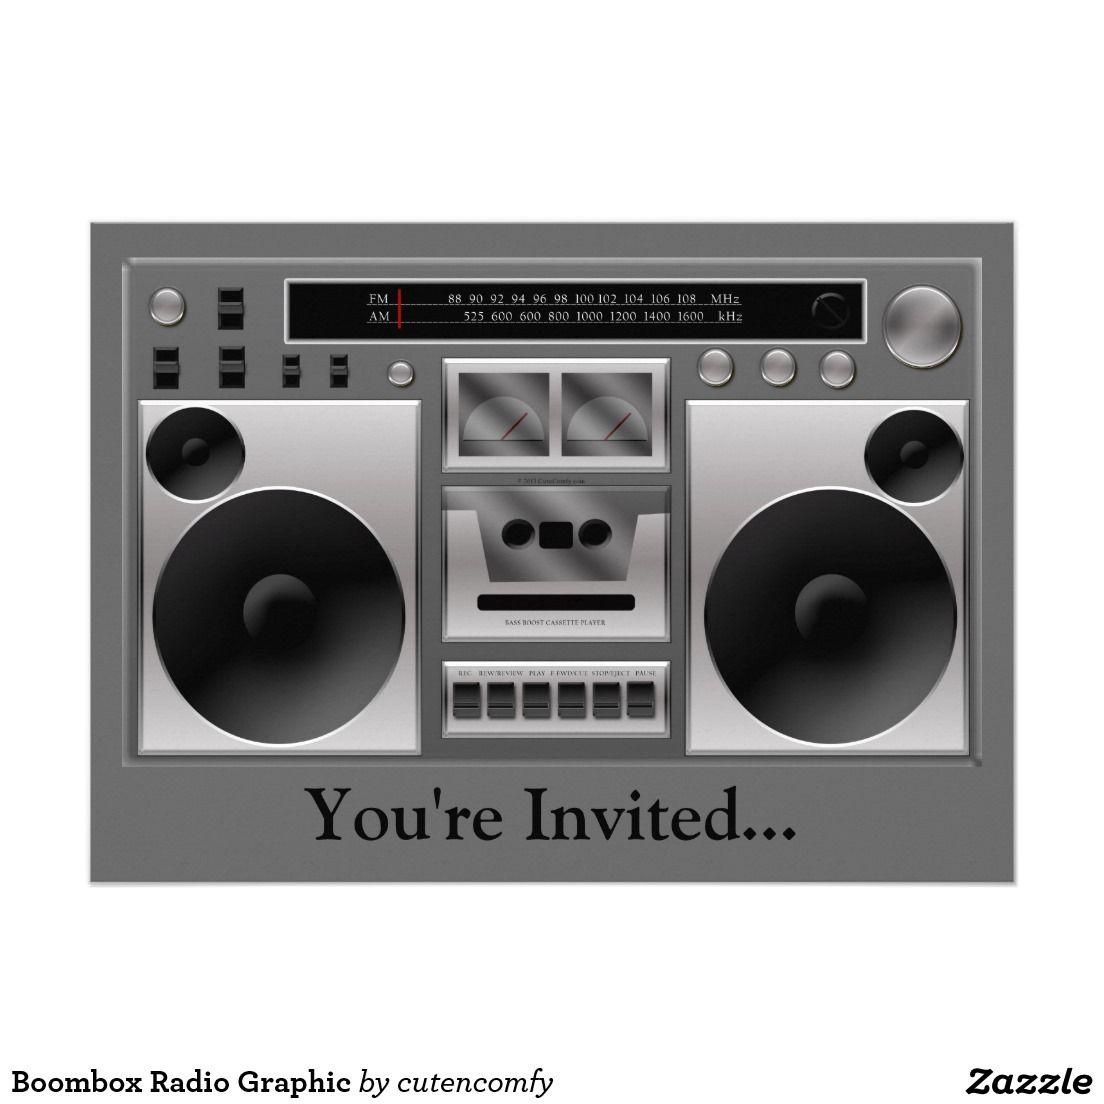 Boombox Radio Graphic Invitation Zazzle Com In 2019